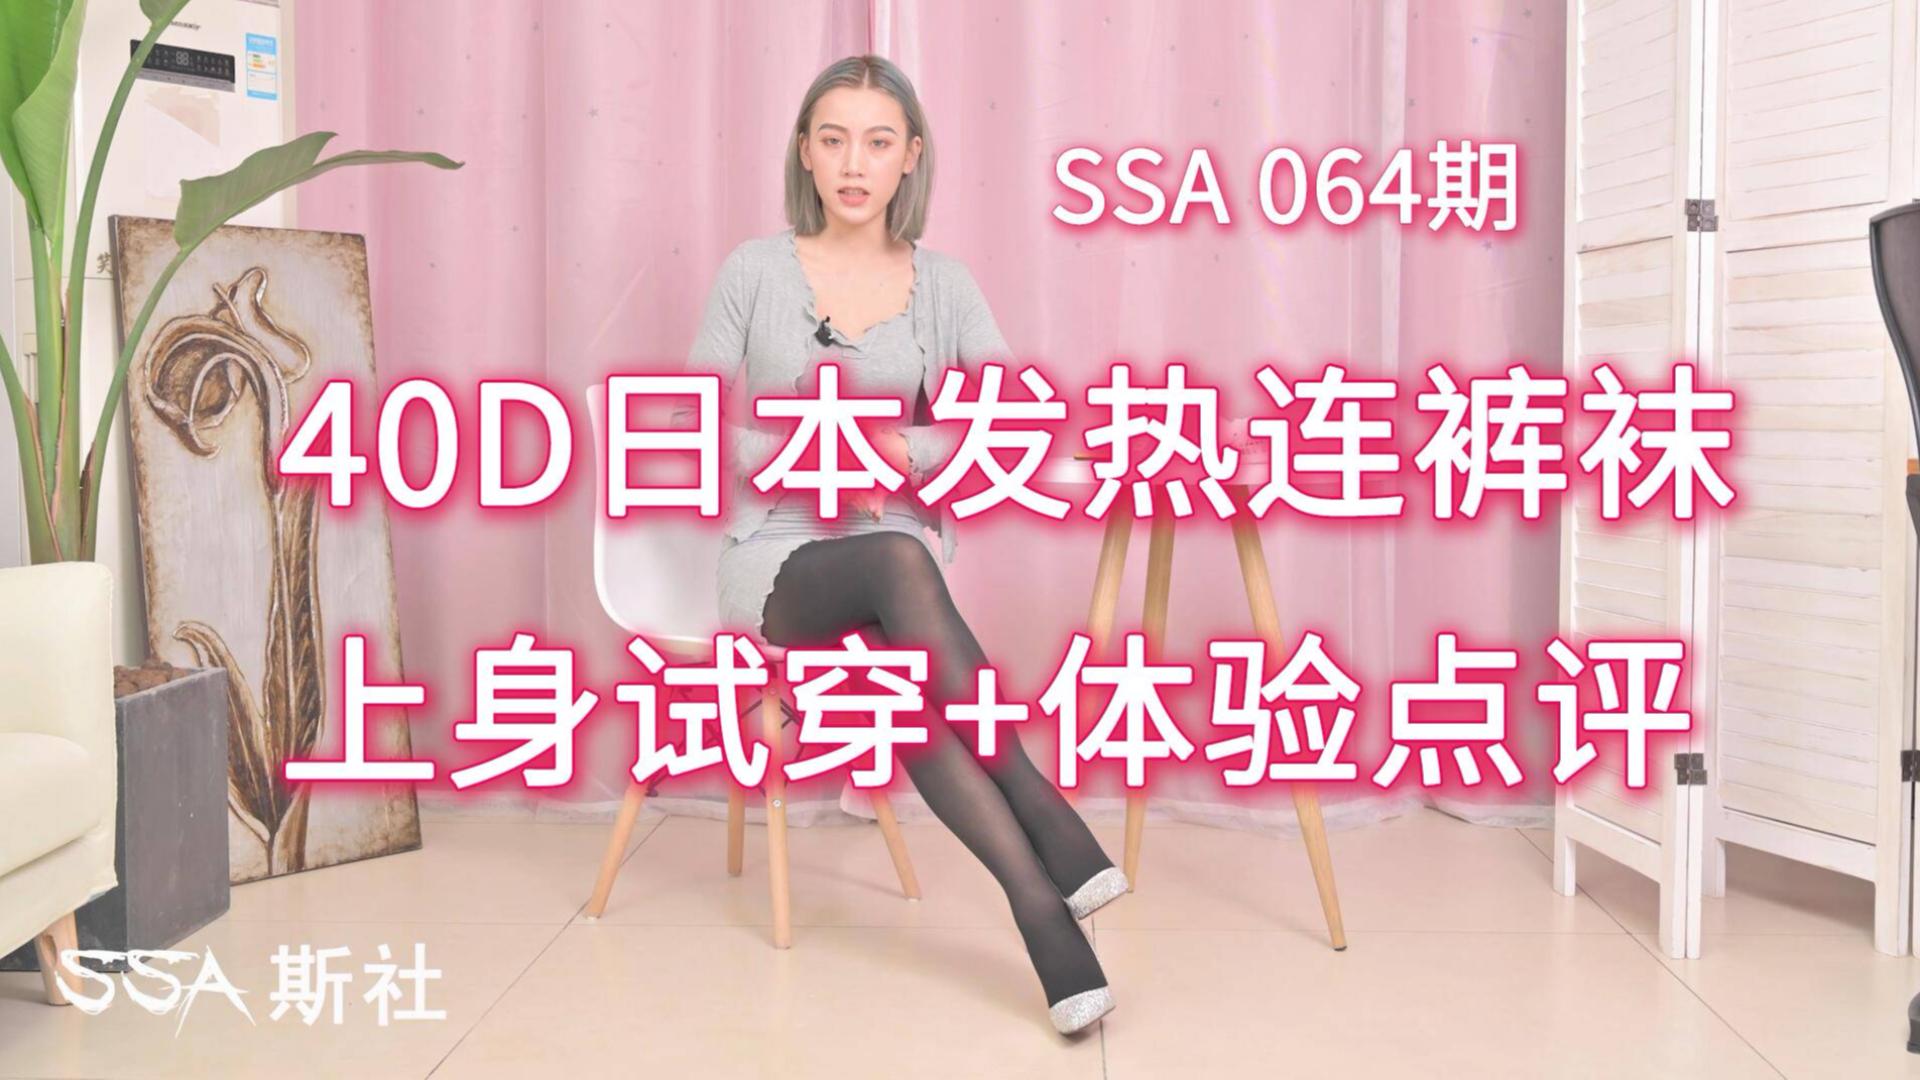 【SSA】大大试穿日本40D发热秋冬连裤袜(64期删减版)